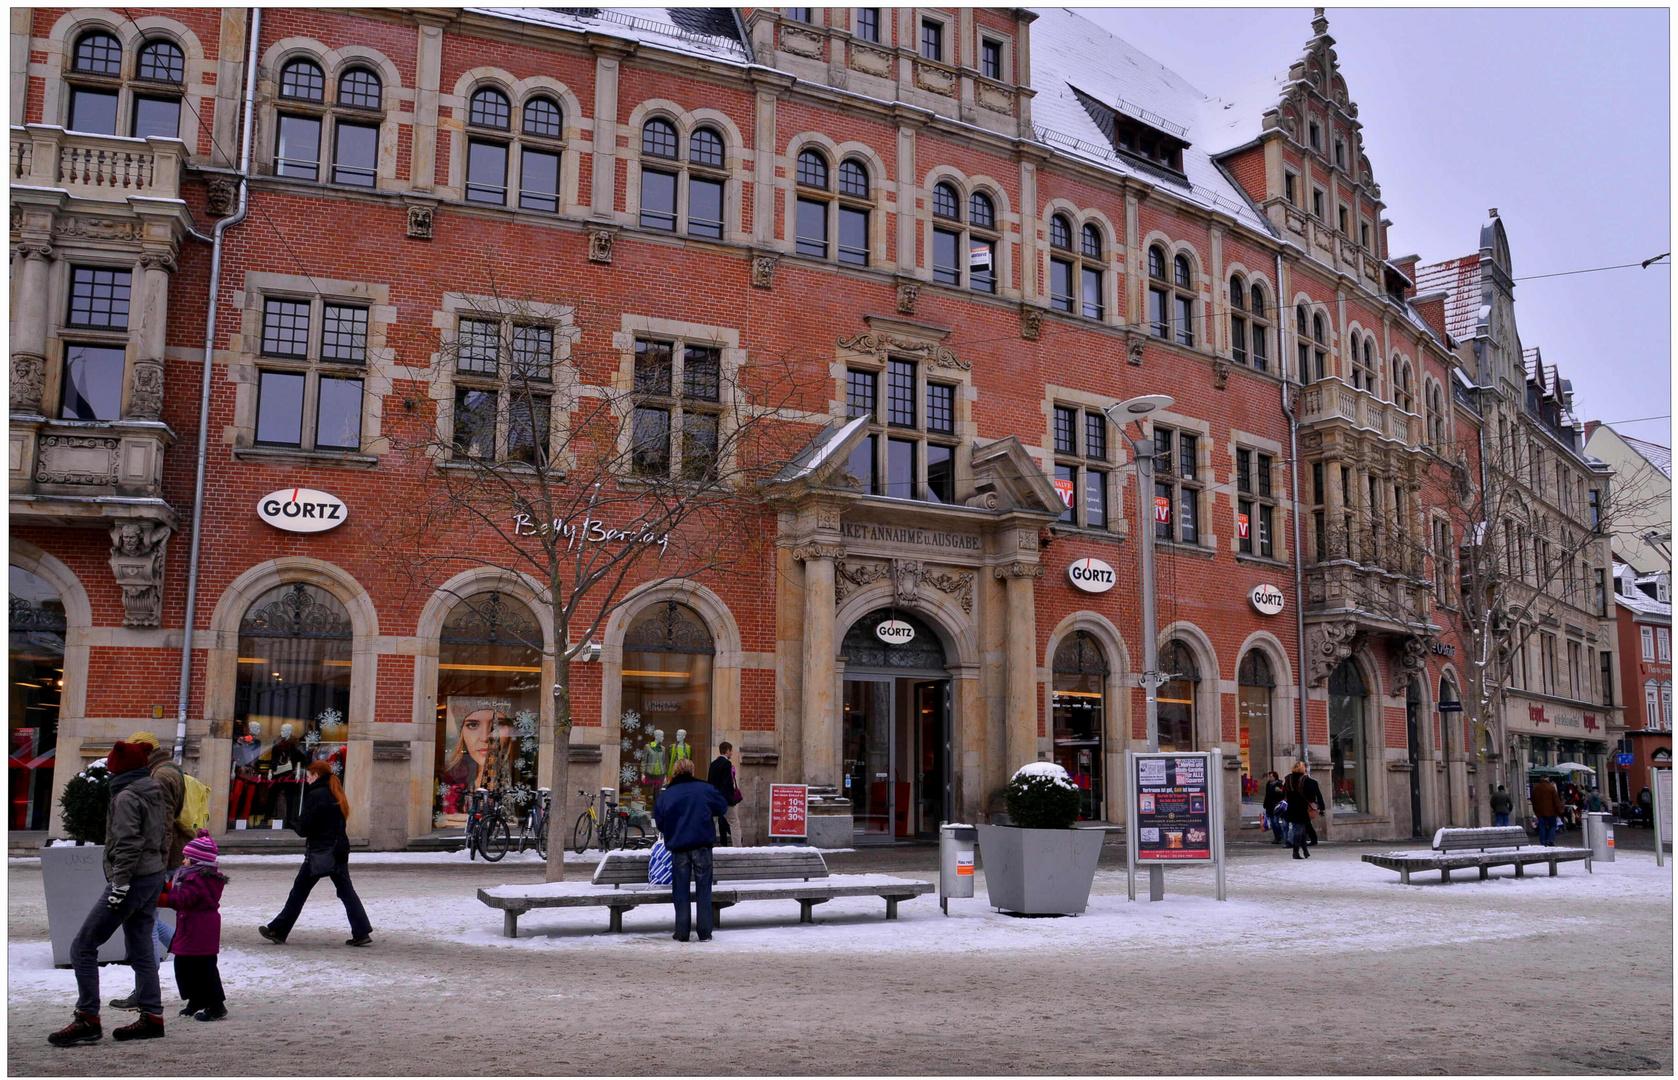 estar de visita en Erfurt, 3 (Besuch in Erfurt, 3)